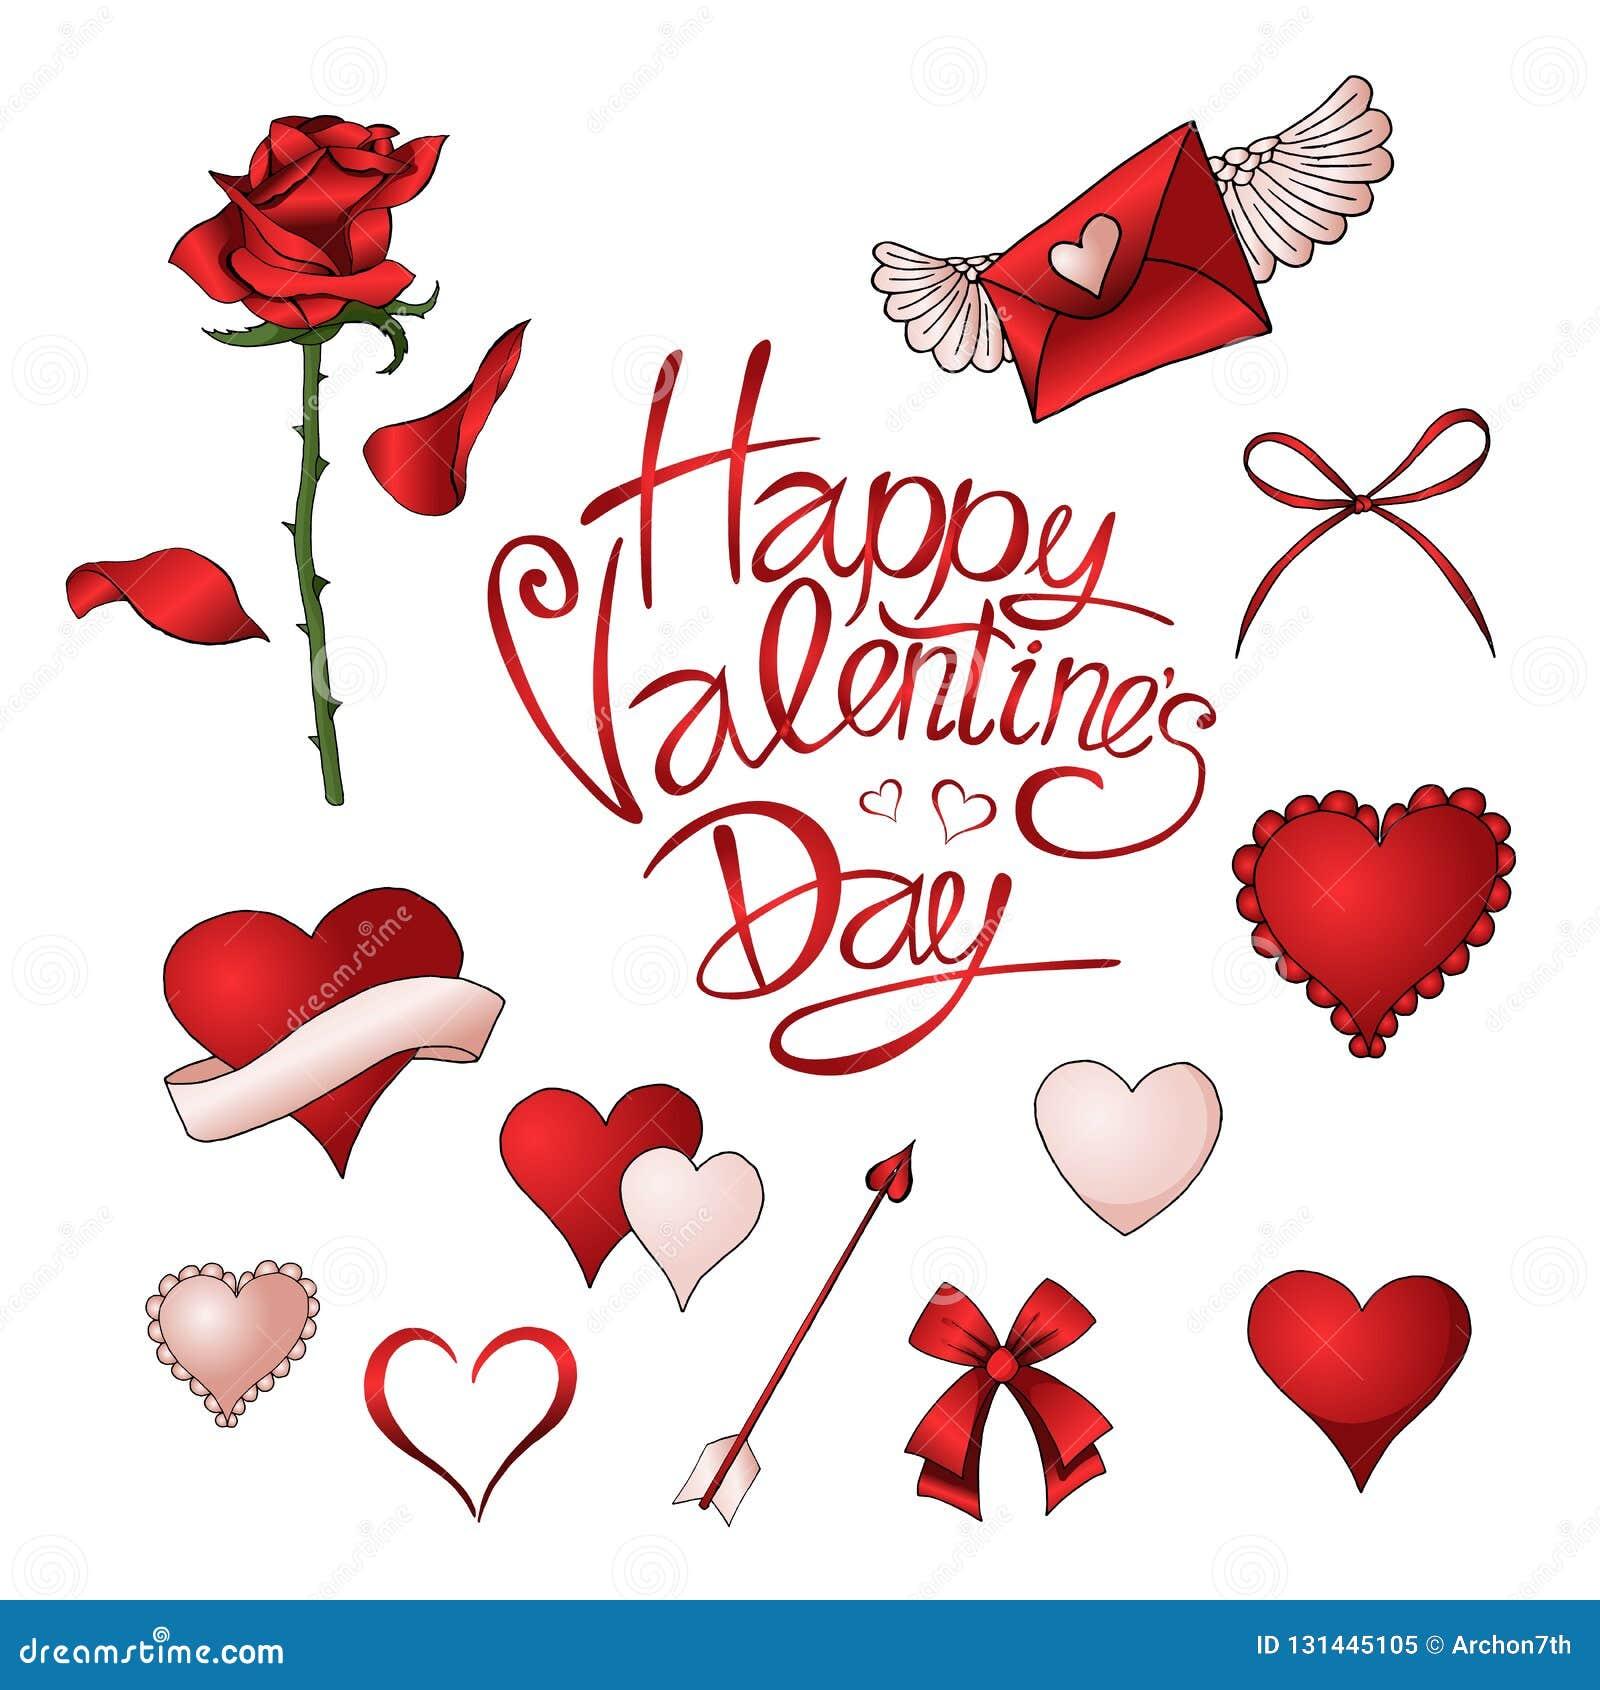 Rote Rosen, Herzen und andere Elemente übergeben gezogenen Farbsatz